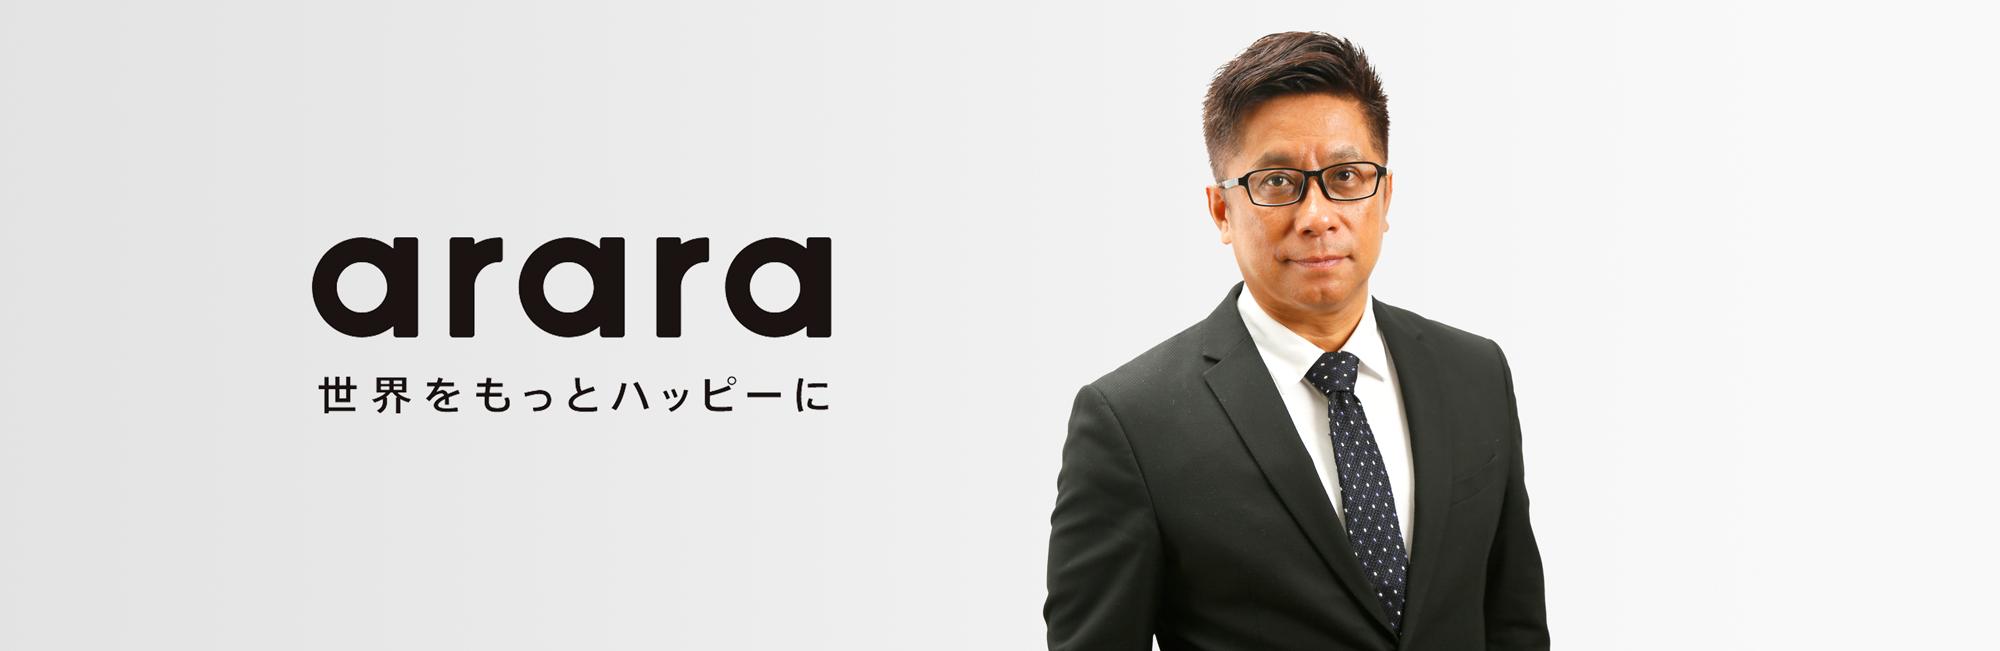 アララ株式会社 代表取締役社 長岩井 陽介のポートレイト